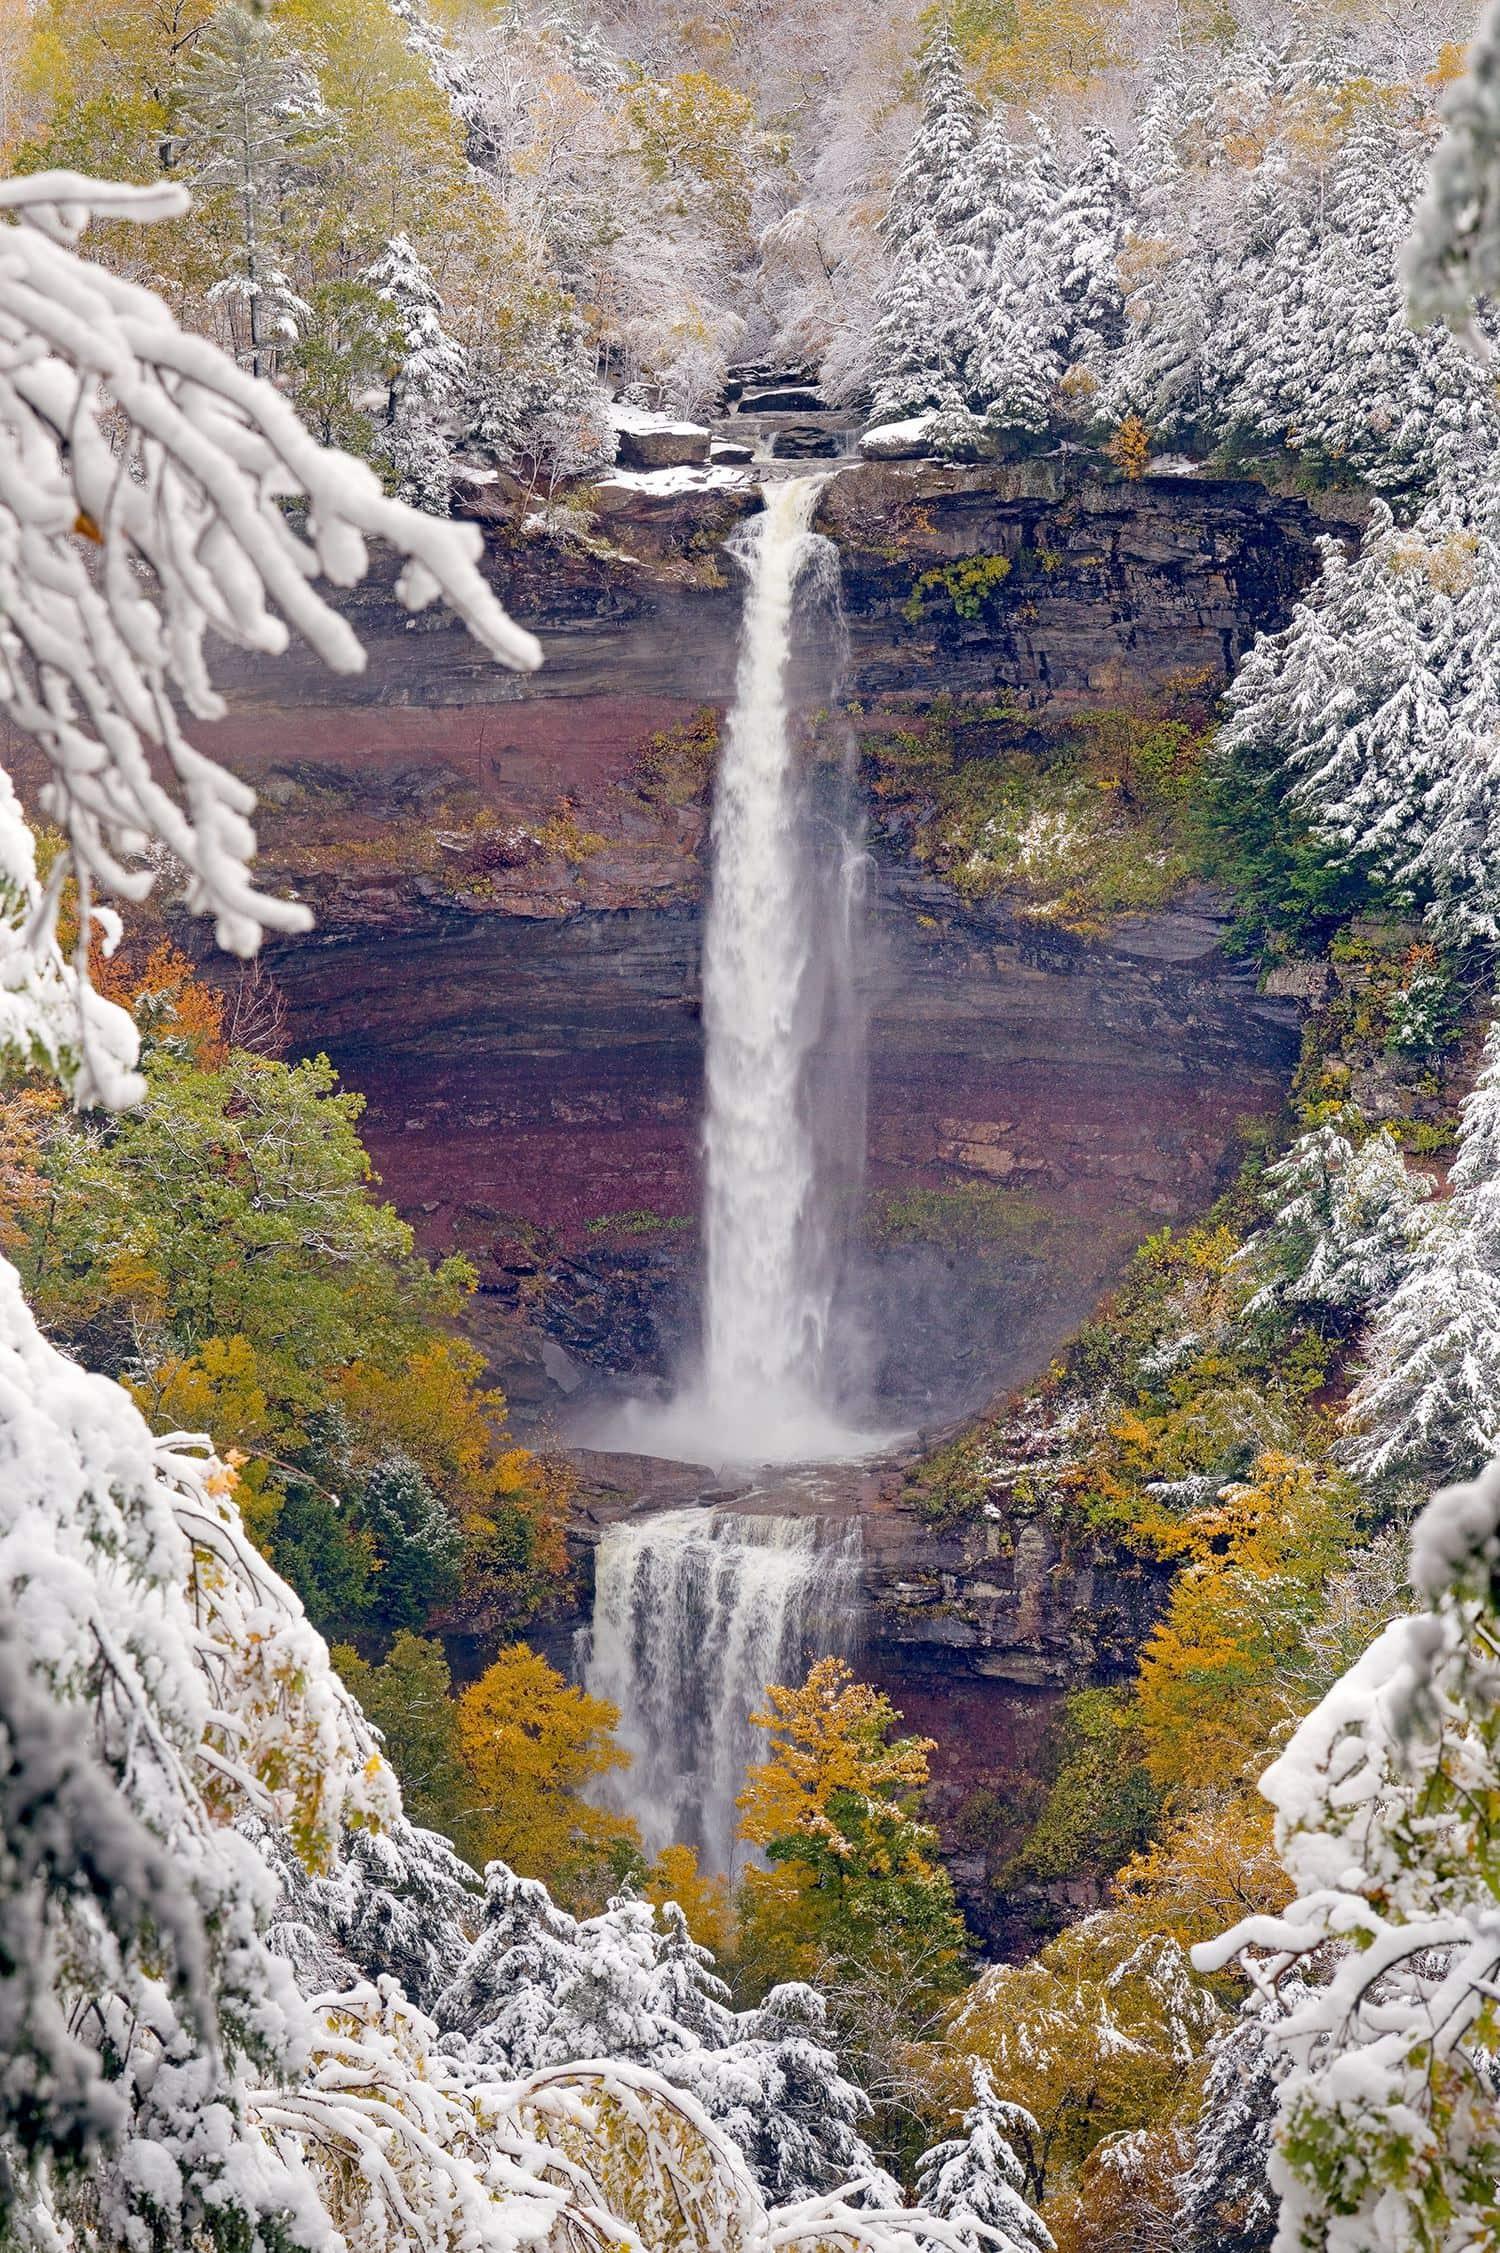 paisaje de cascada nevado